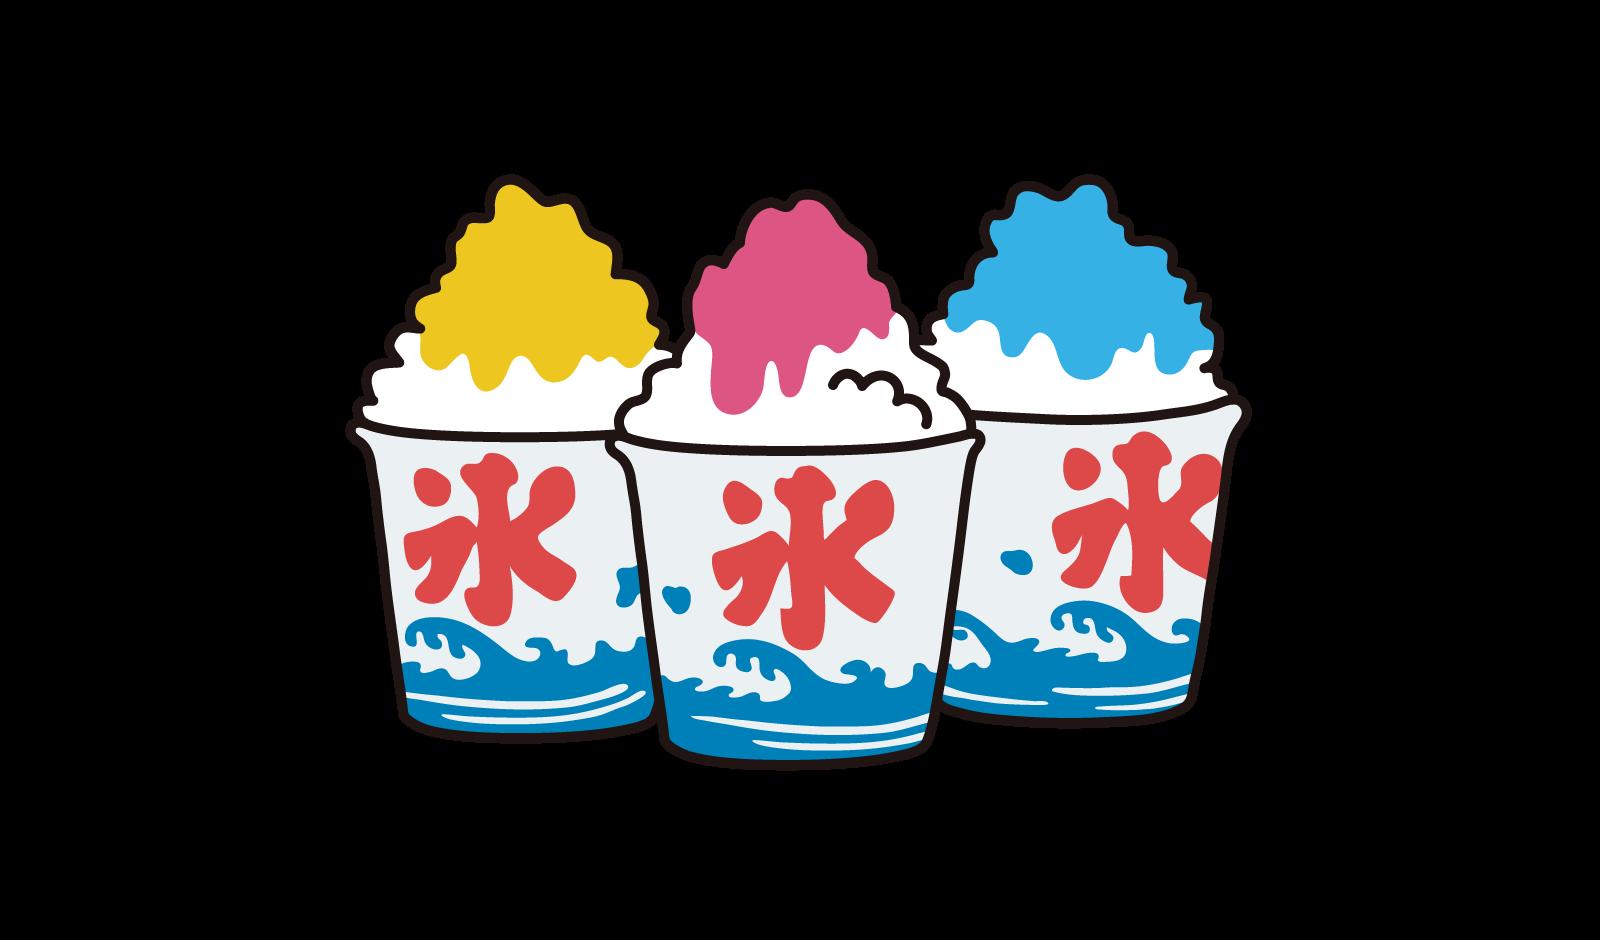 かき氷(三色)